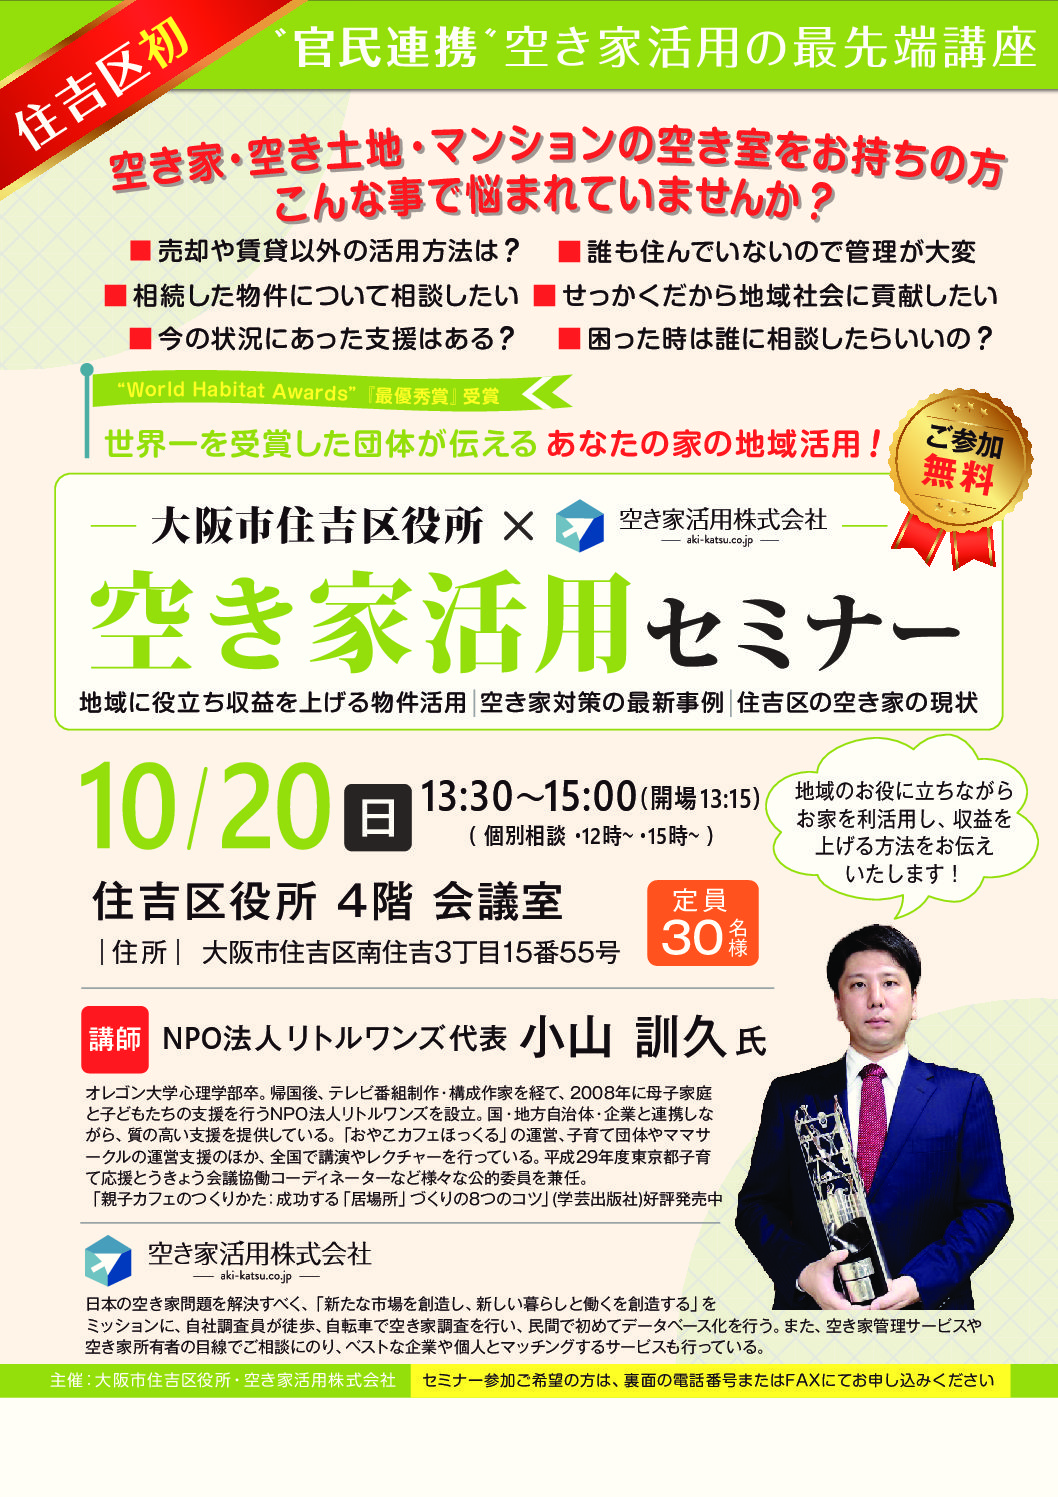 《お知らせ》大阪市住吉区役所と一緒に「空き家所有者」を対象にセミナーを開催します。